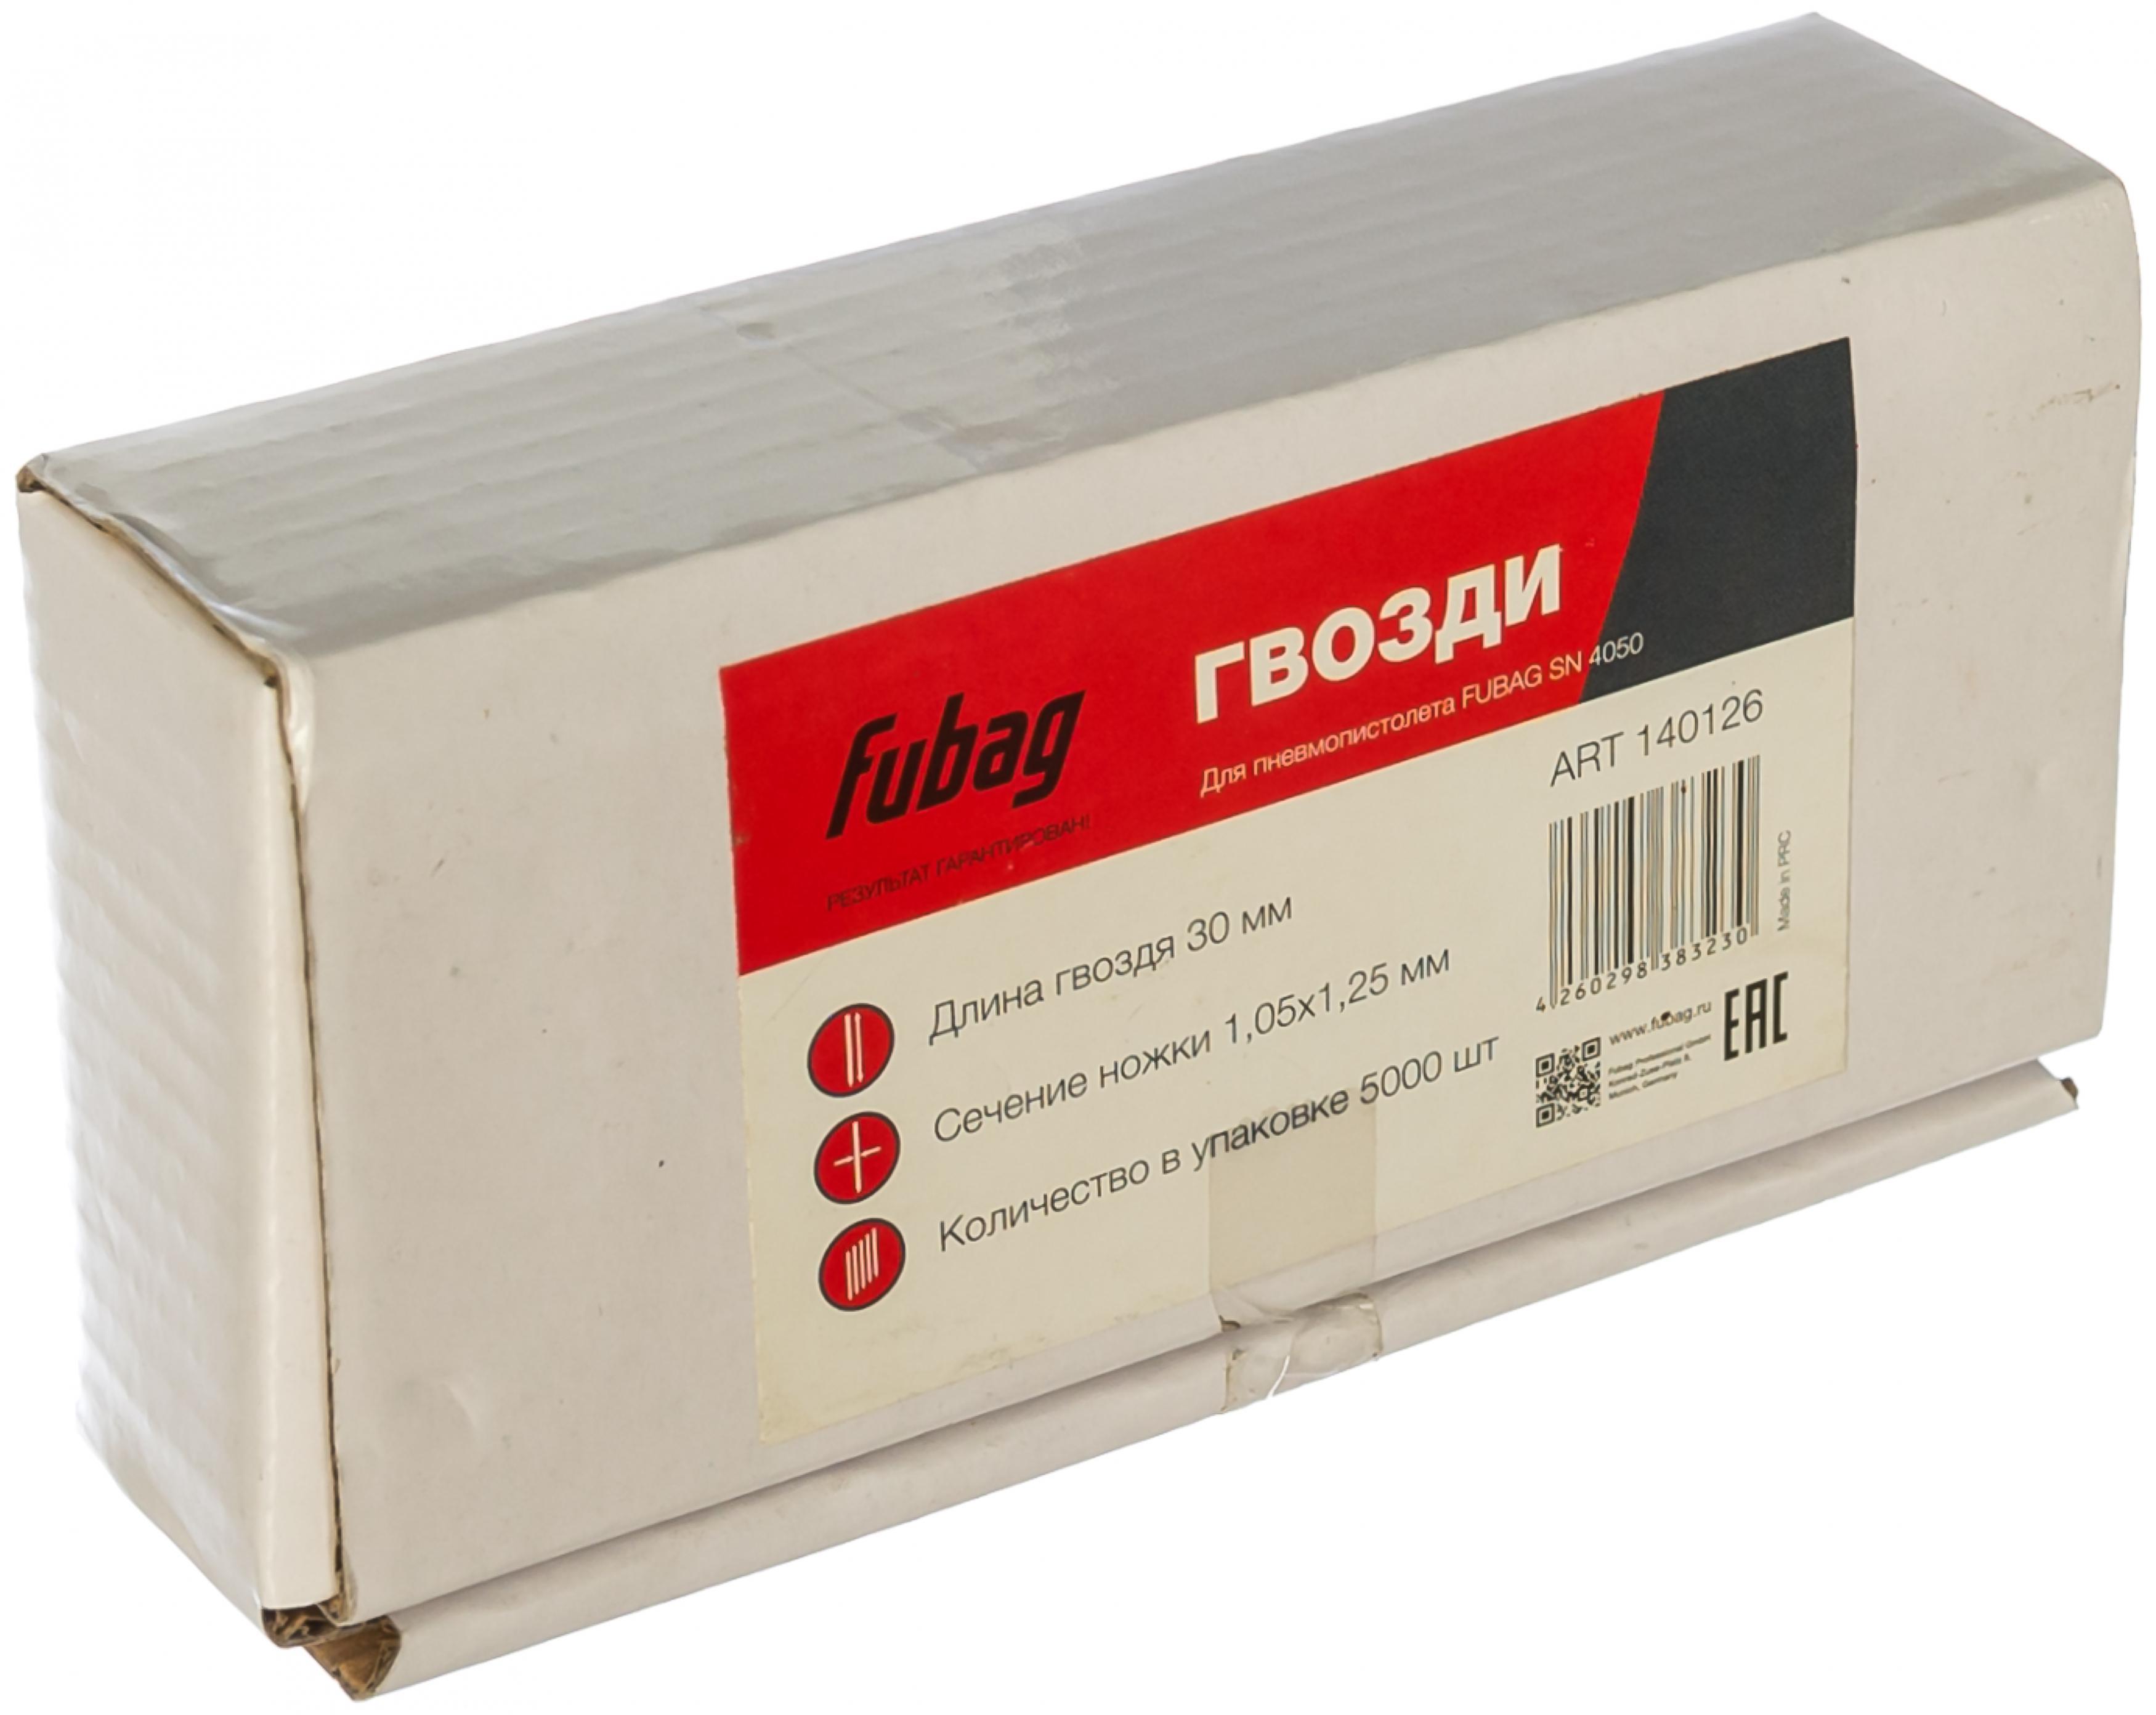 Гвозди для степлера Fubag для sn4050 140126 цена